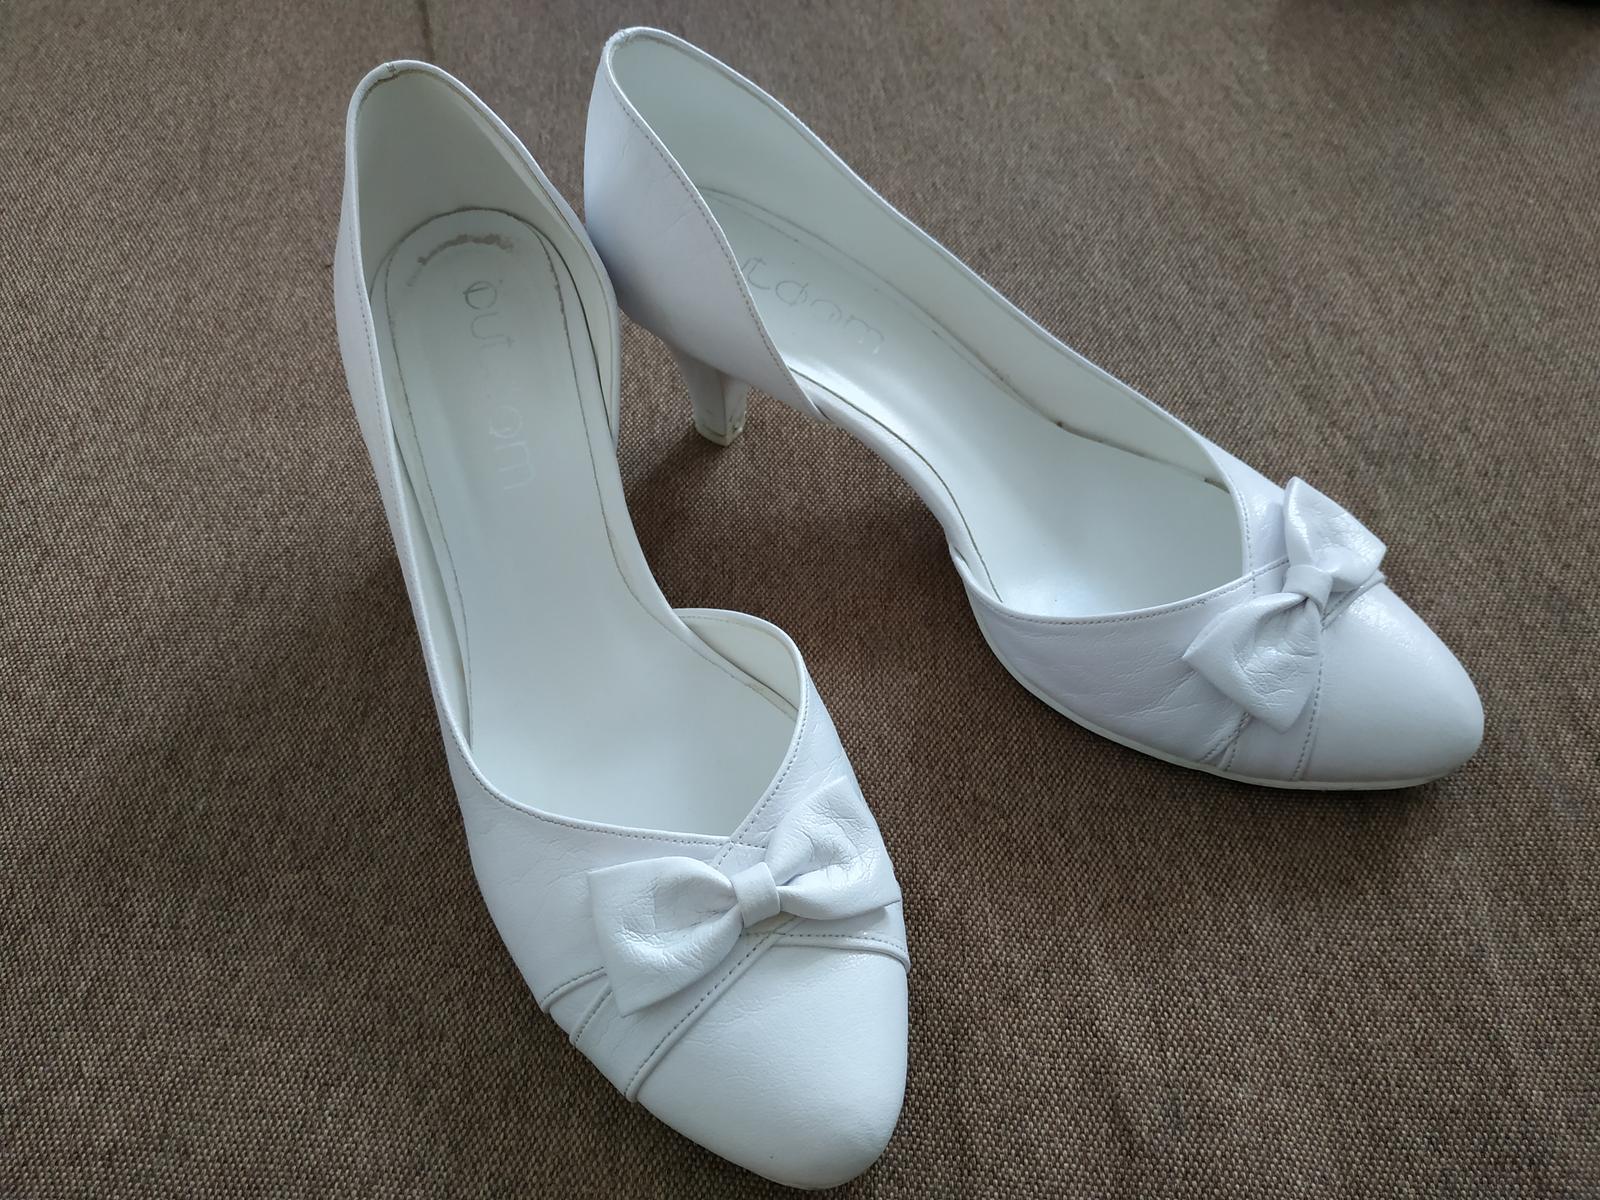 Svadobné biele topanky - Obrázok č. 1